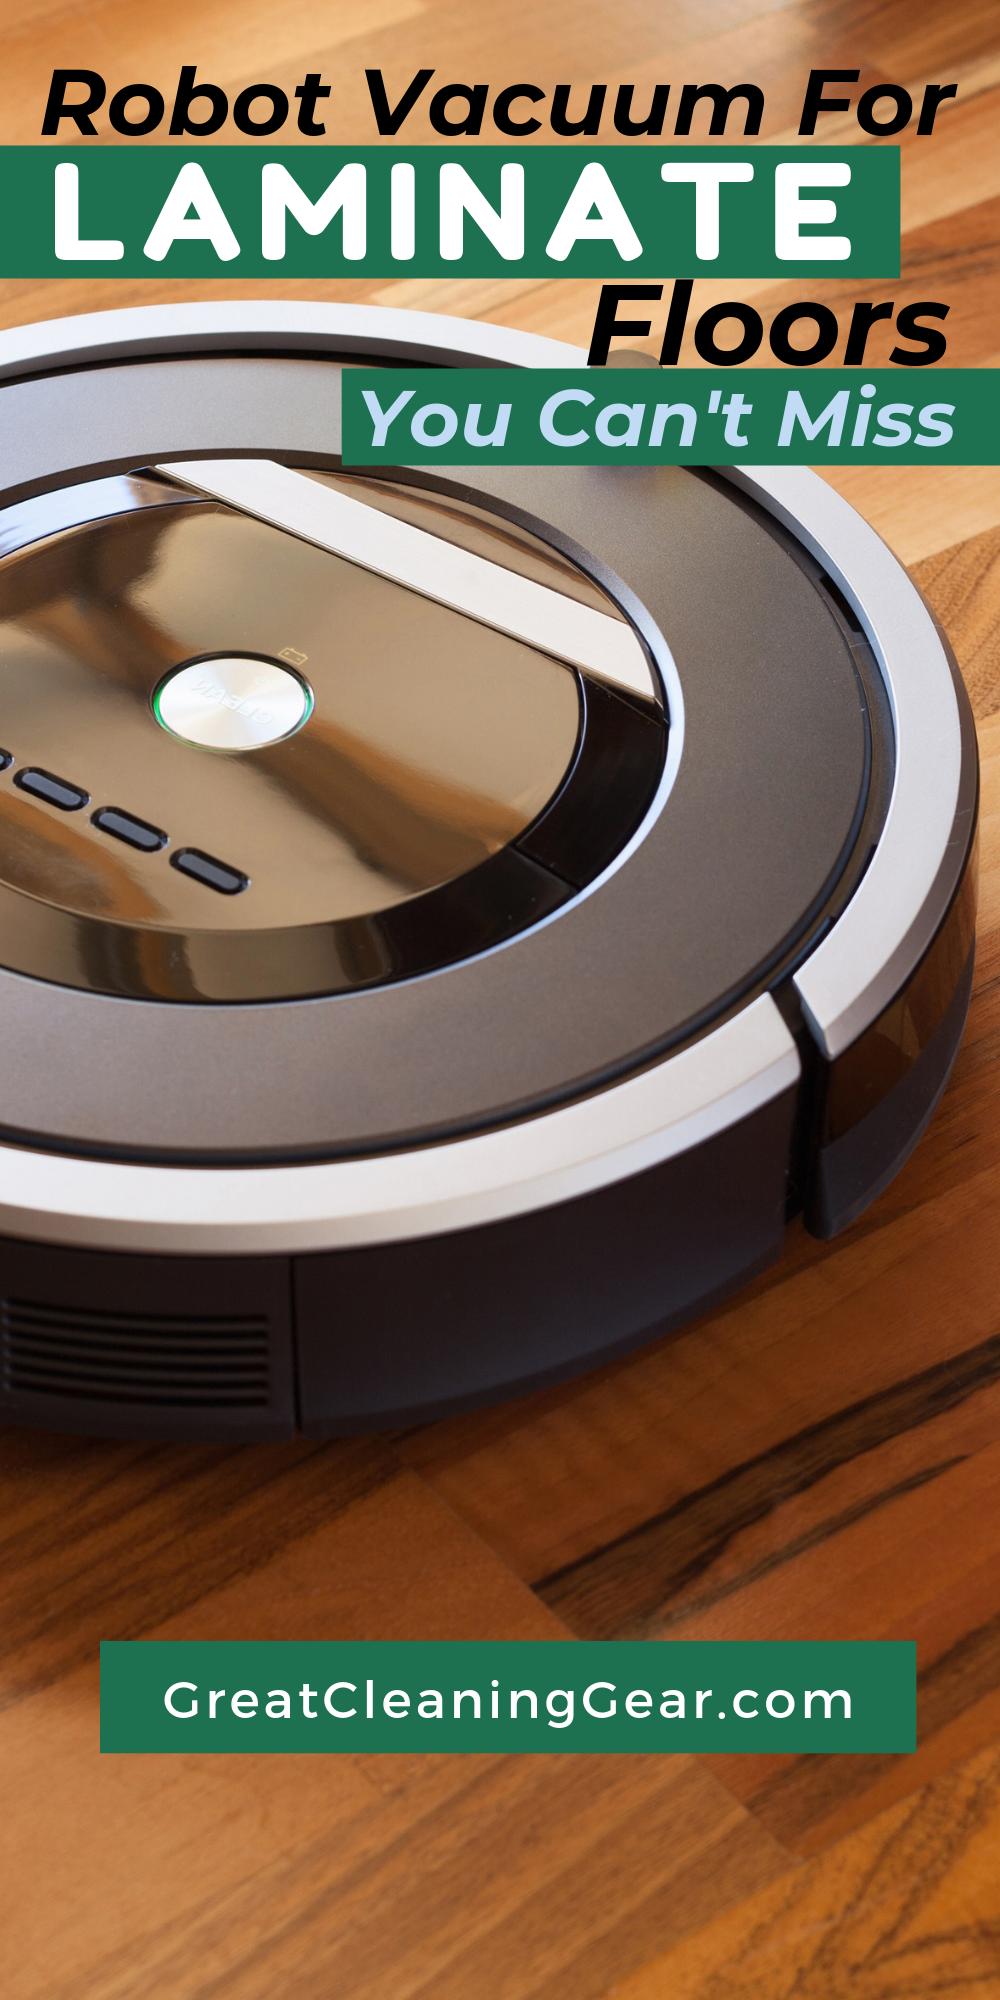 Best Robotic Vacuum For Laminate Floors